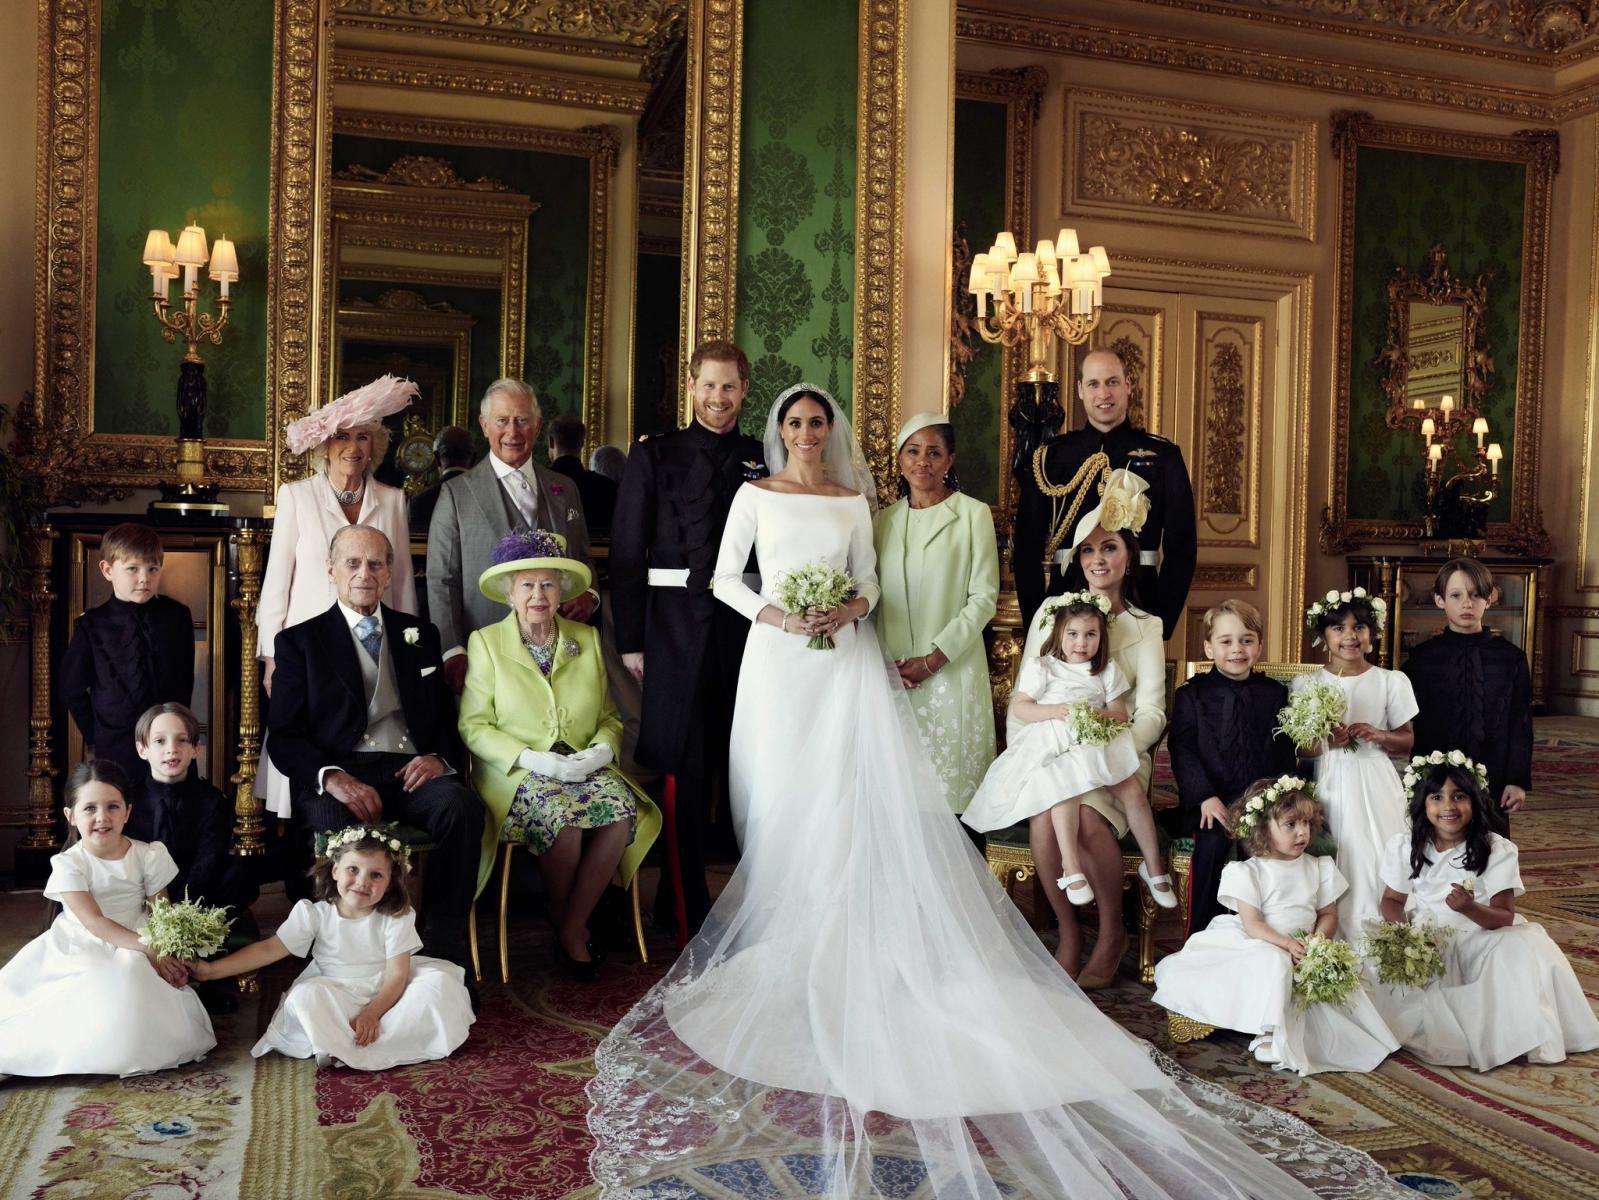 สำนักพระราชวังอังกฤษเผยแพร่ภาพถ่ายเป็นทางการจากวันเสกสมรส